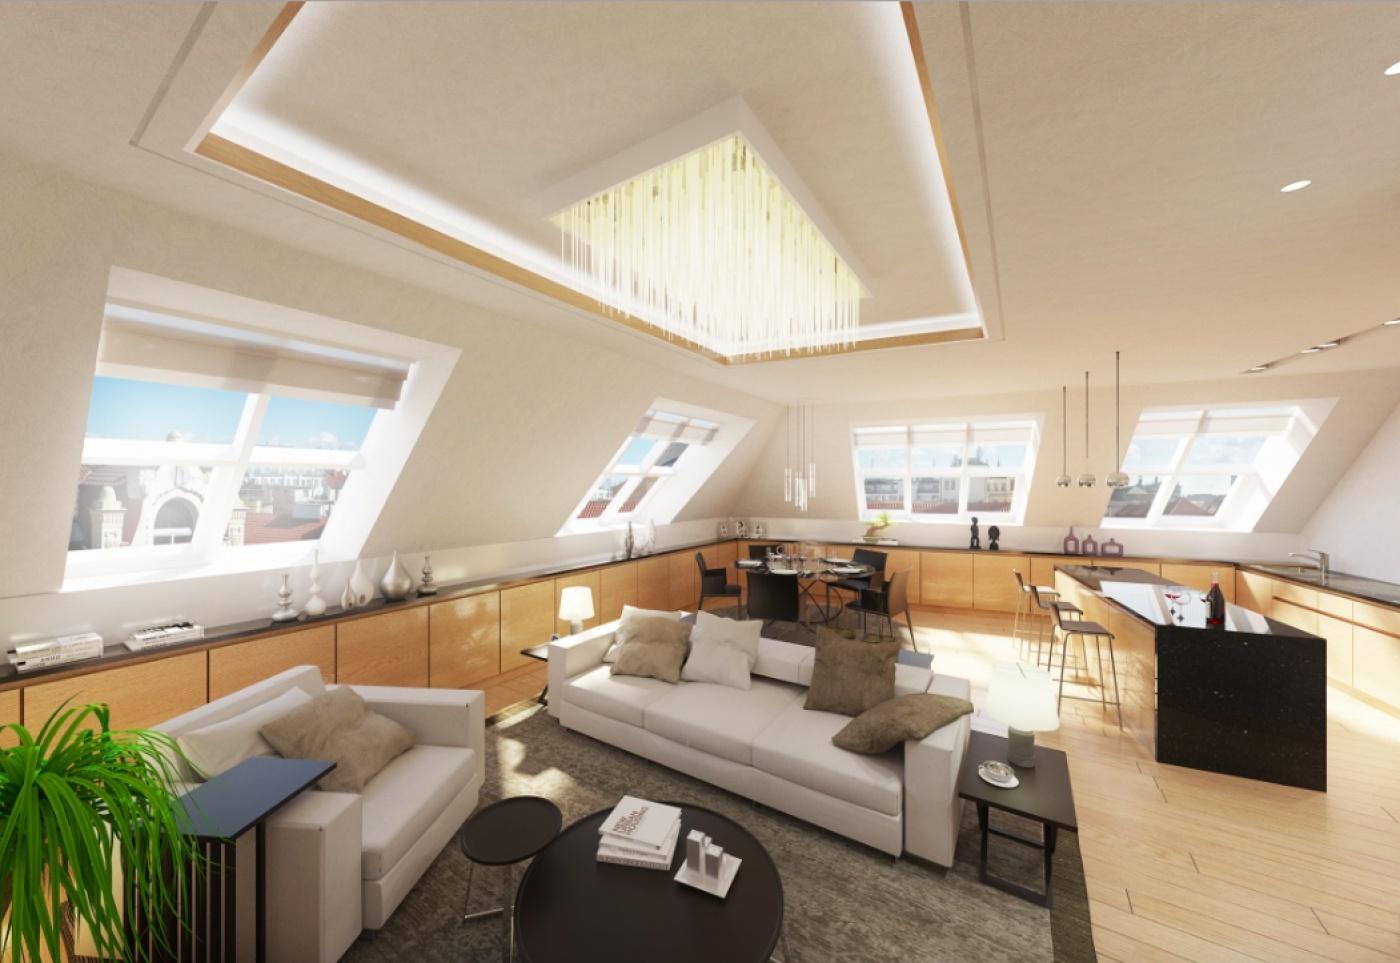 Vizualizace jednoho z bytů - Půdní byt 4+kk, plocha 139 m², ulice Na Zderaze, Praha 2 - Nové Město | 1